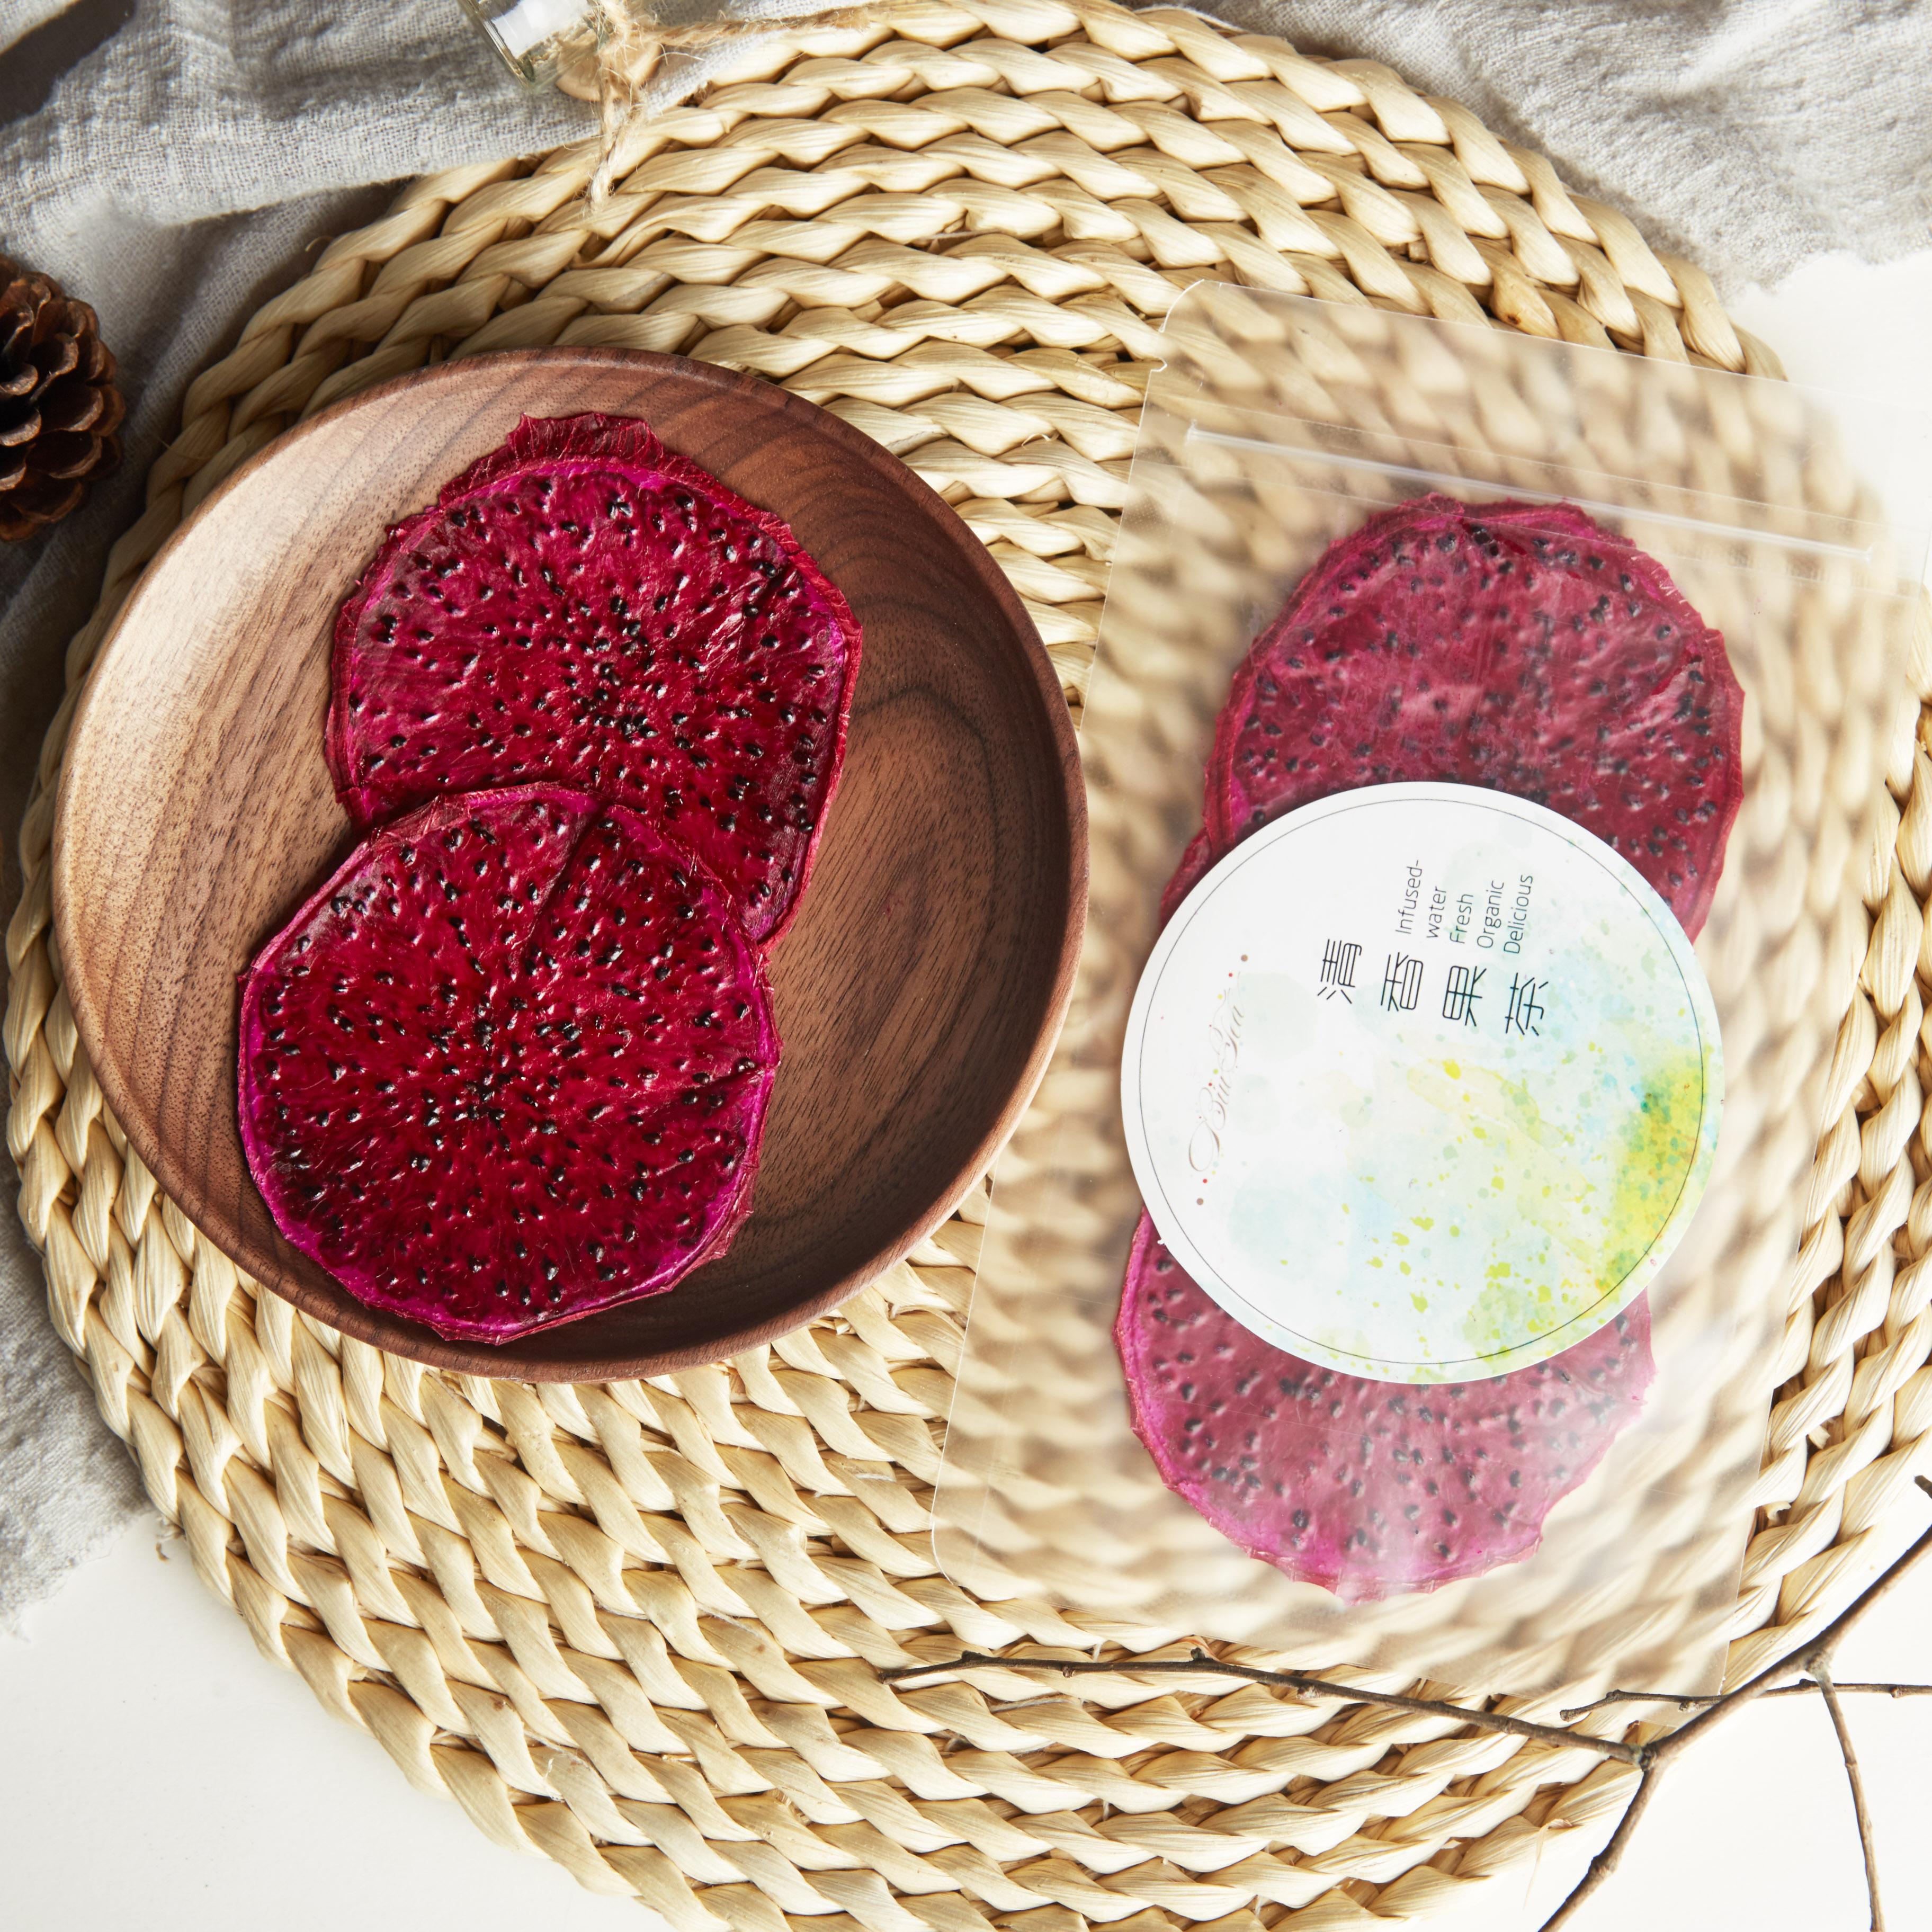 αποξηραμένα φρούτα δράκου καθαρή καρδιά χειροποίητα έγκυες γυναίκες χωρίς προσθήκη παιδί. νέκταρ είναι σνακ φρούτων ποτό 3